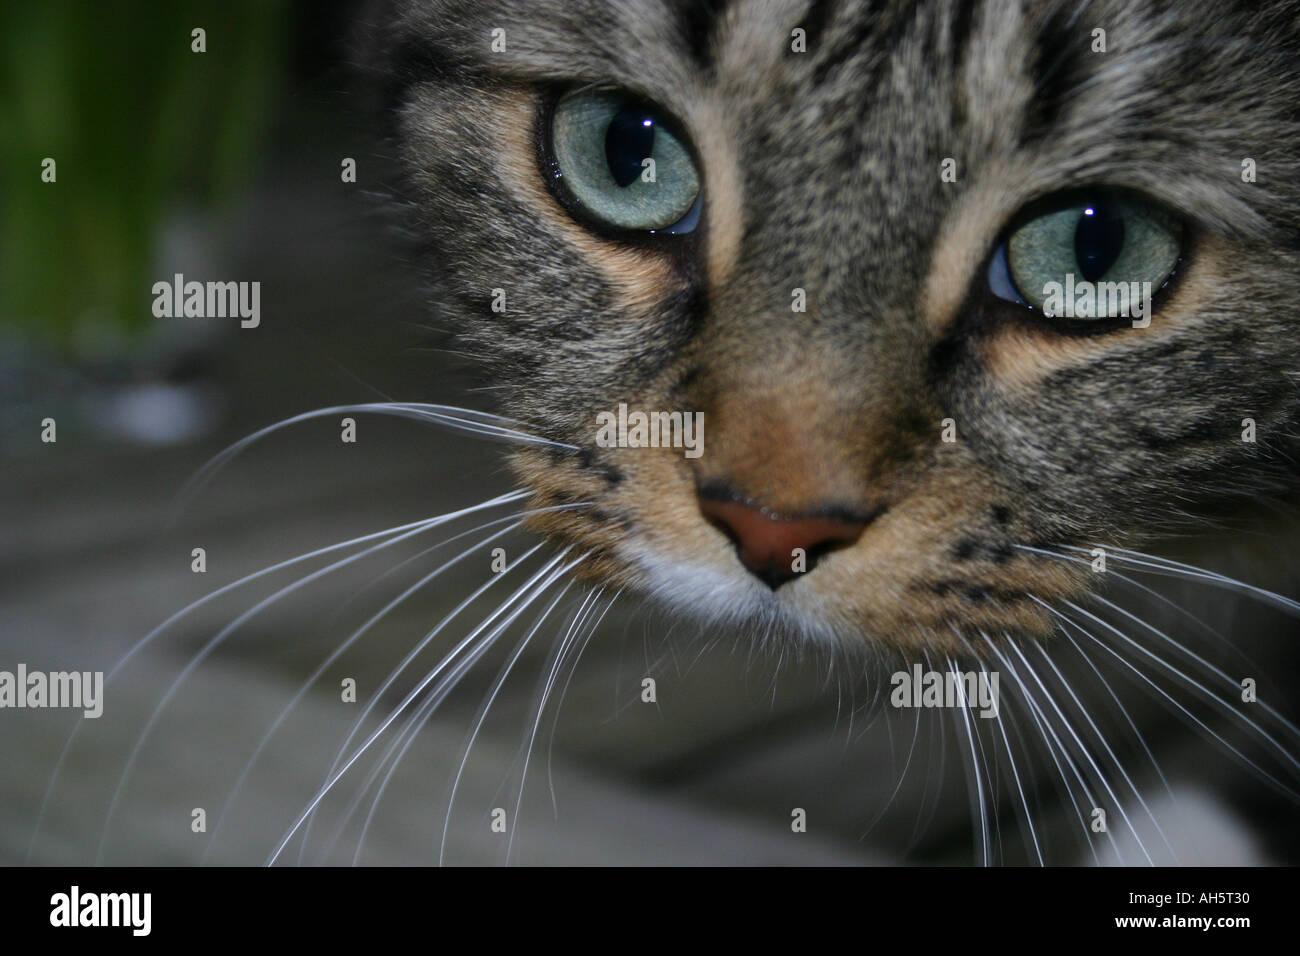 Langhaarige Tabby Katze Nahaufnahme Kopf Schuss füllen den Rahmen ...